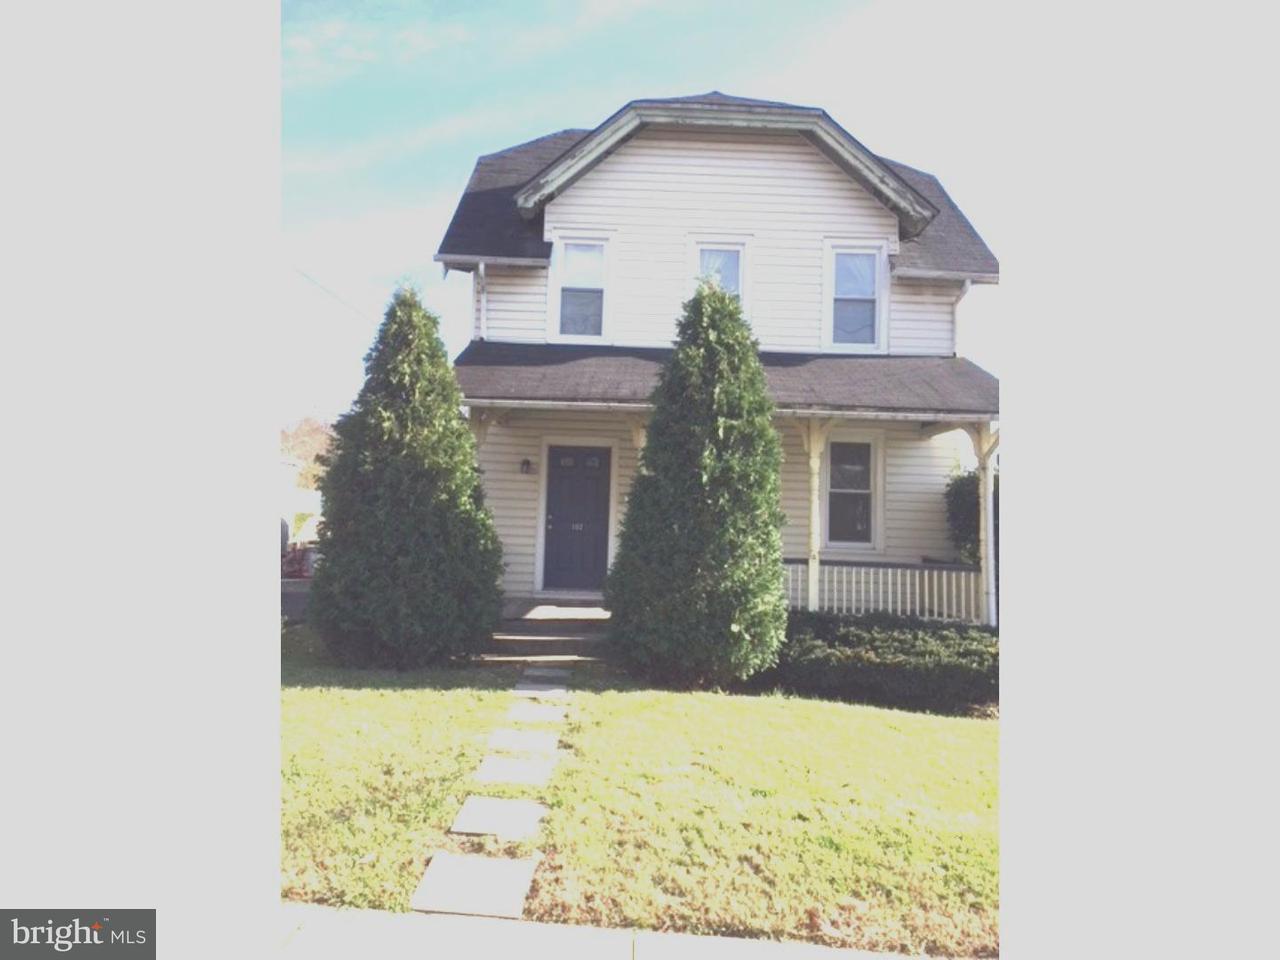 独户住宅 为 出租 在 102 TENNIS Avenue 安布勒, 宾夕法尼亚州 19002 美国